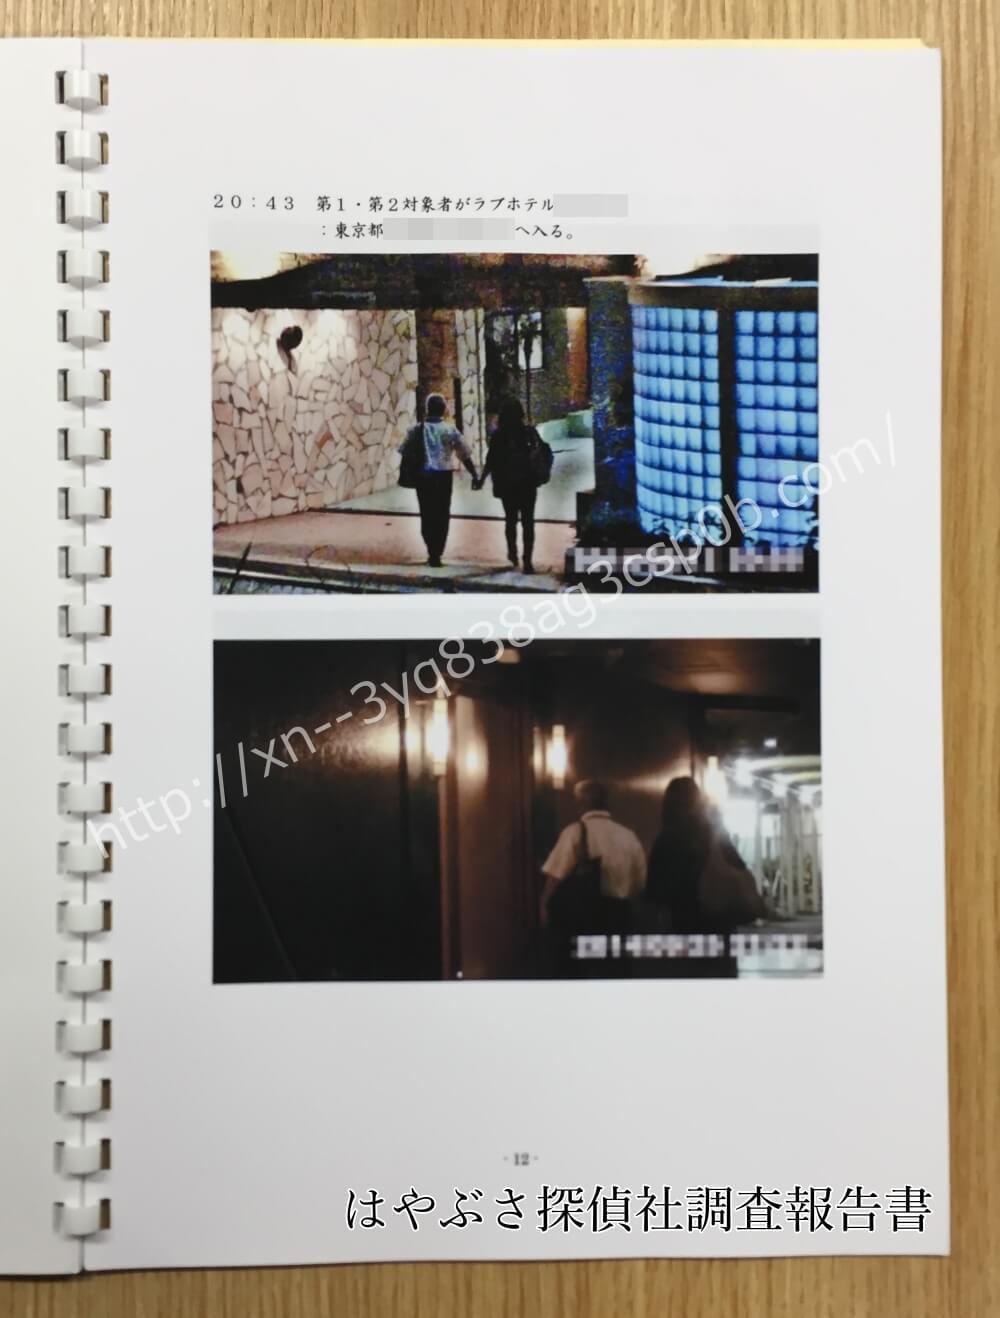 探偵新宿はやぶさ探偵社調査報告書口コミ評判